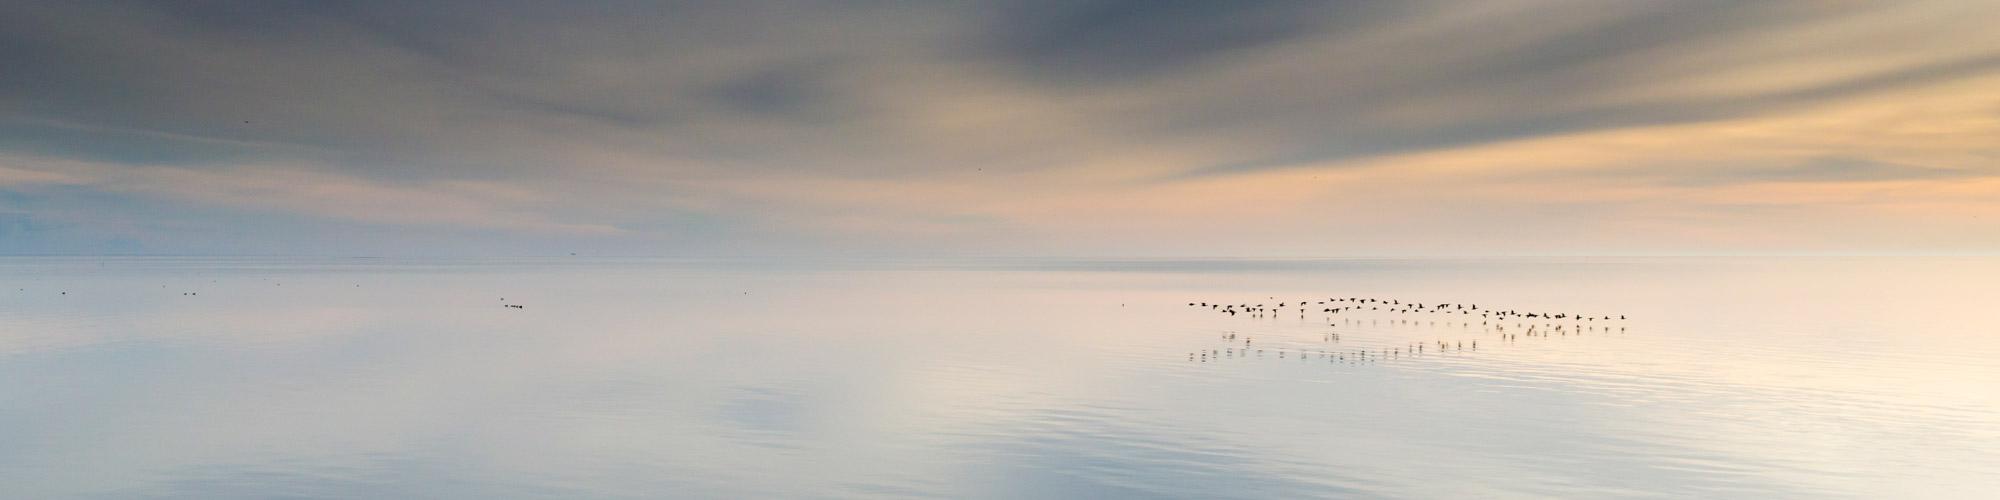 ©Smitinbeeld - Texel - fotoworkshop